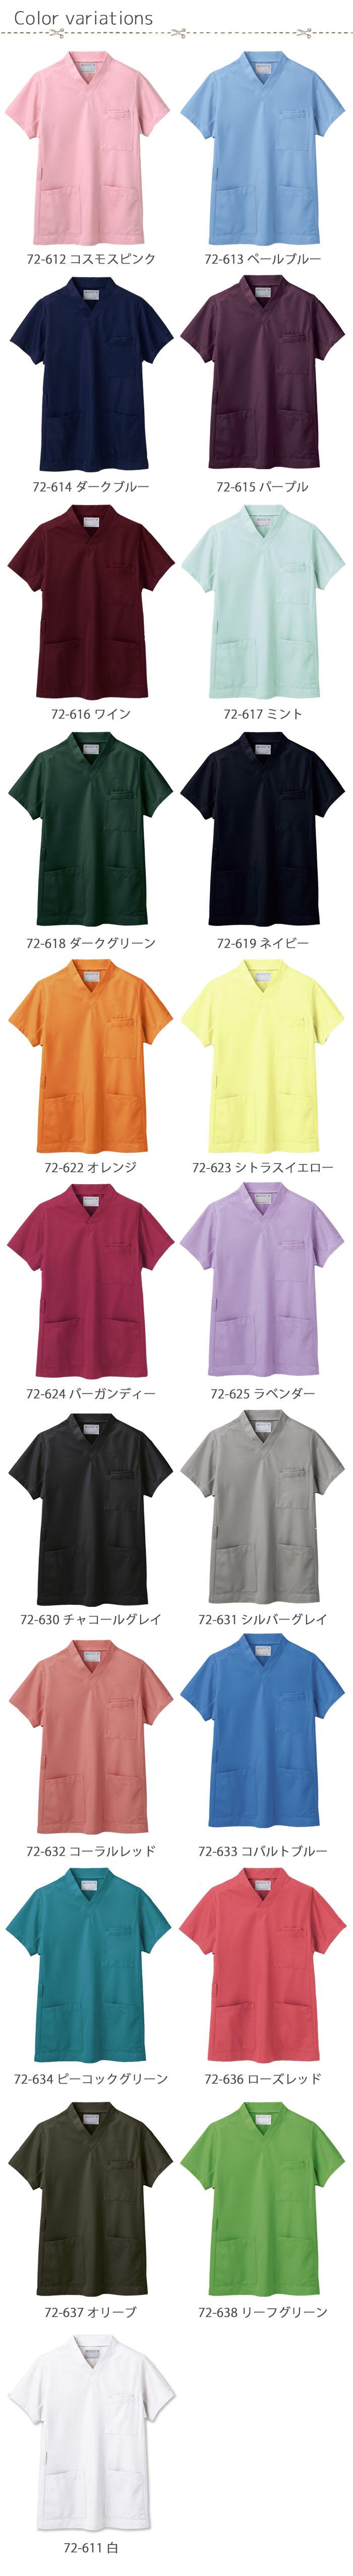 72-612 21色から選べるスクラブ 色展開画像